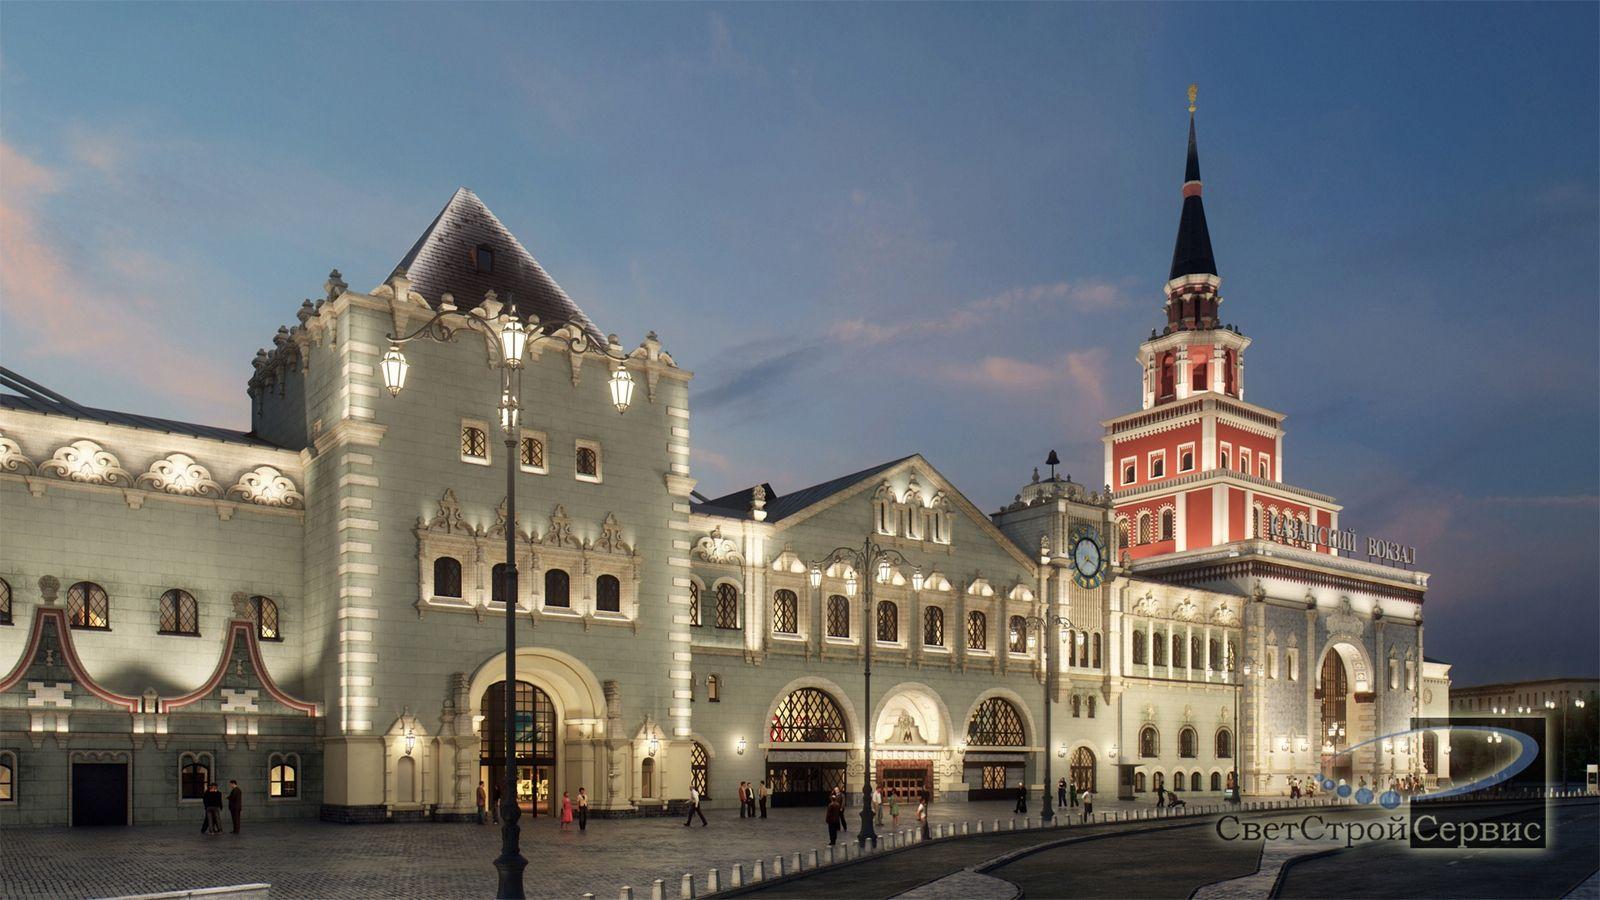 Оптом пулково, купить цветы на казанском вокзале в москве